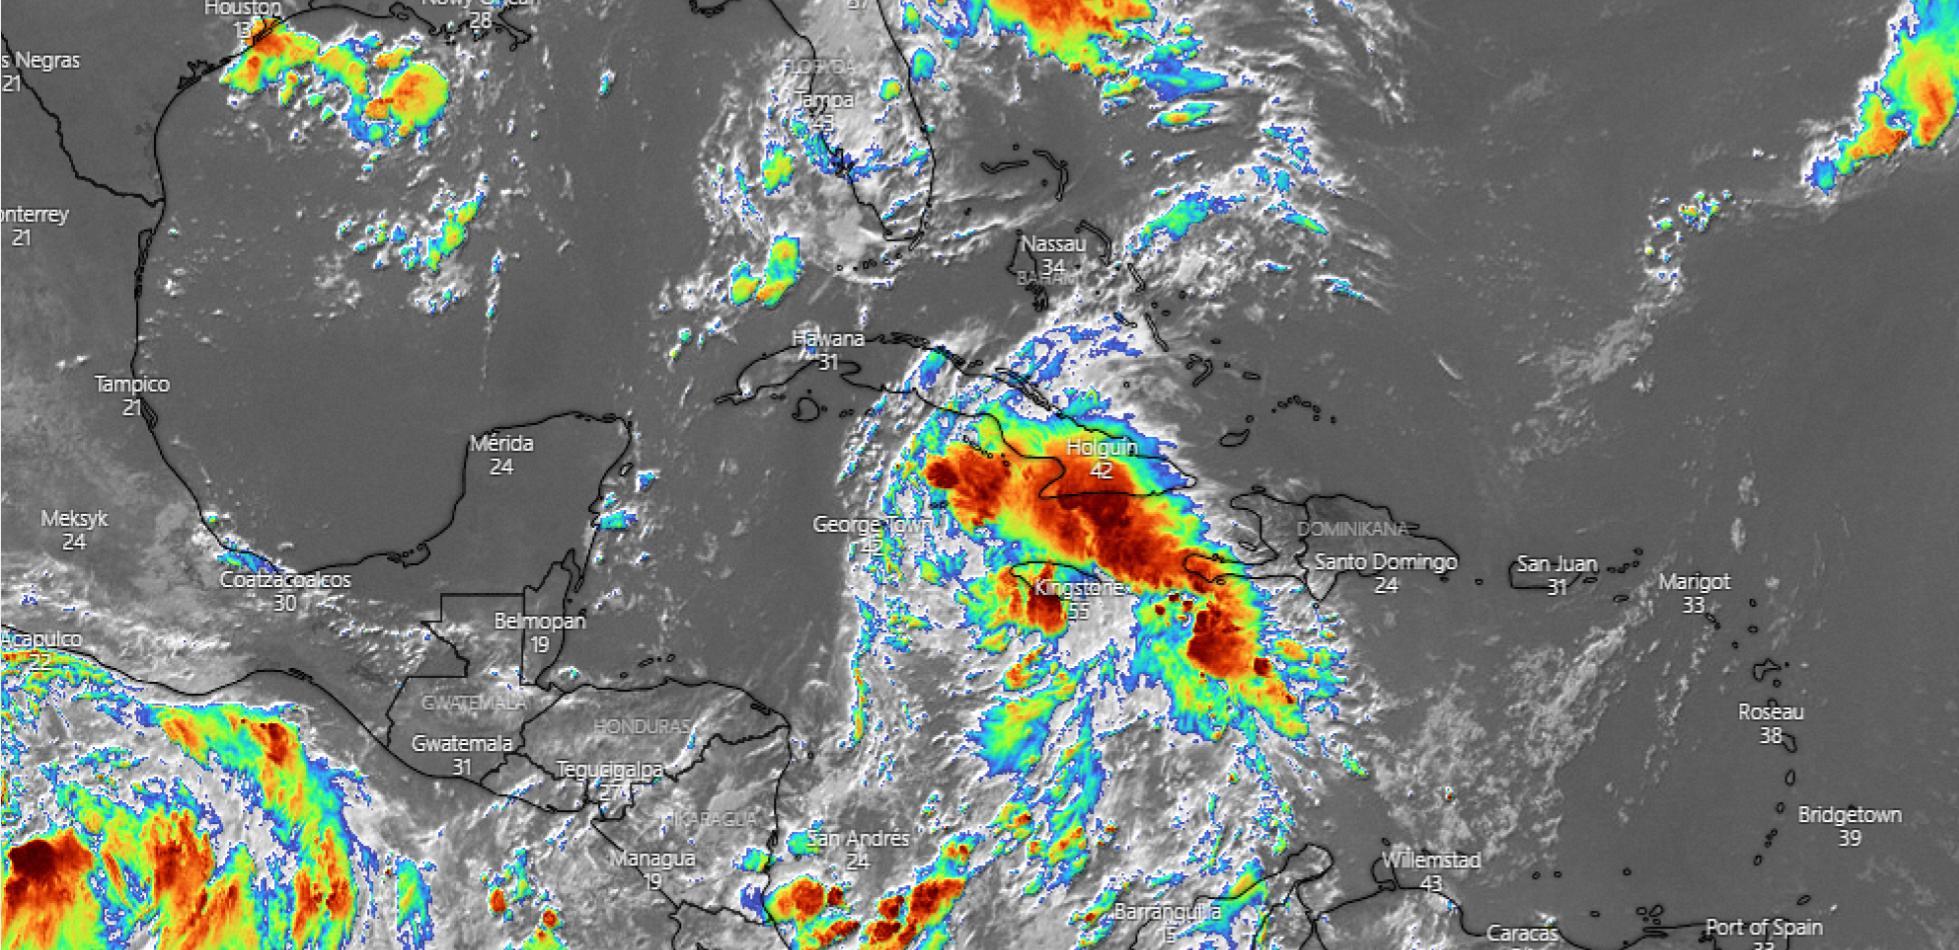 W Zatoce Meksykańskiej może powstać silny huragan